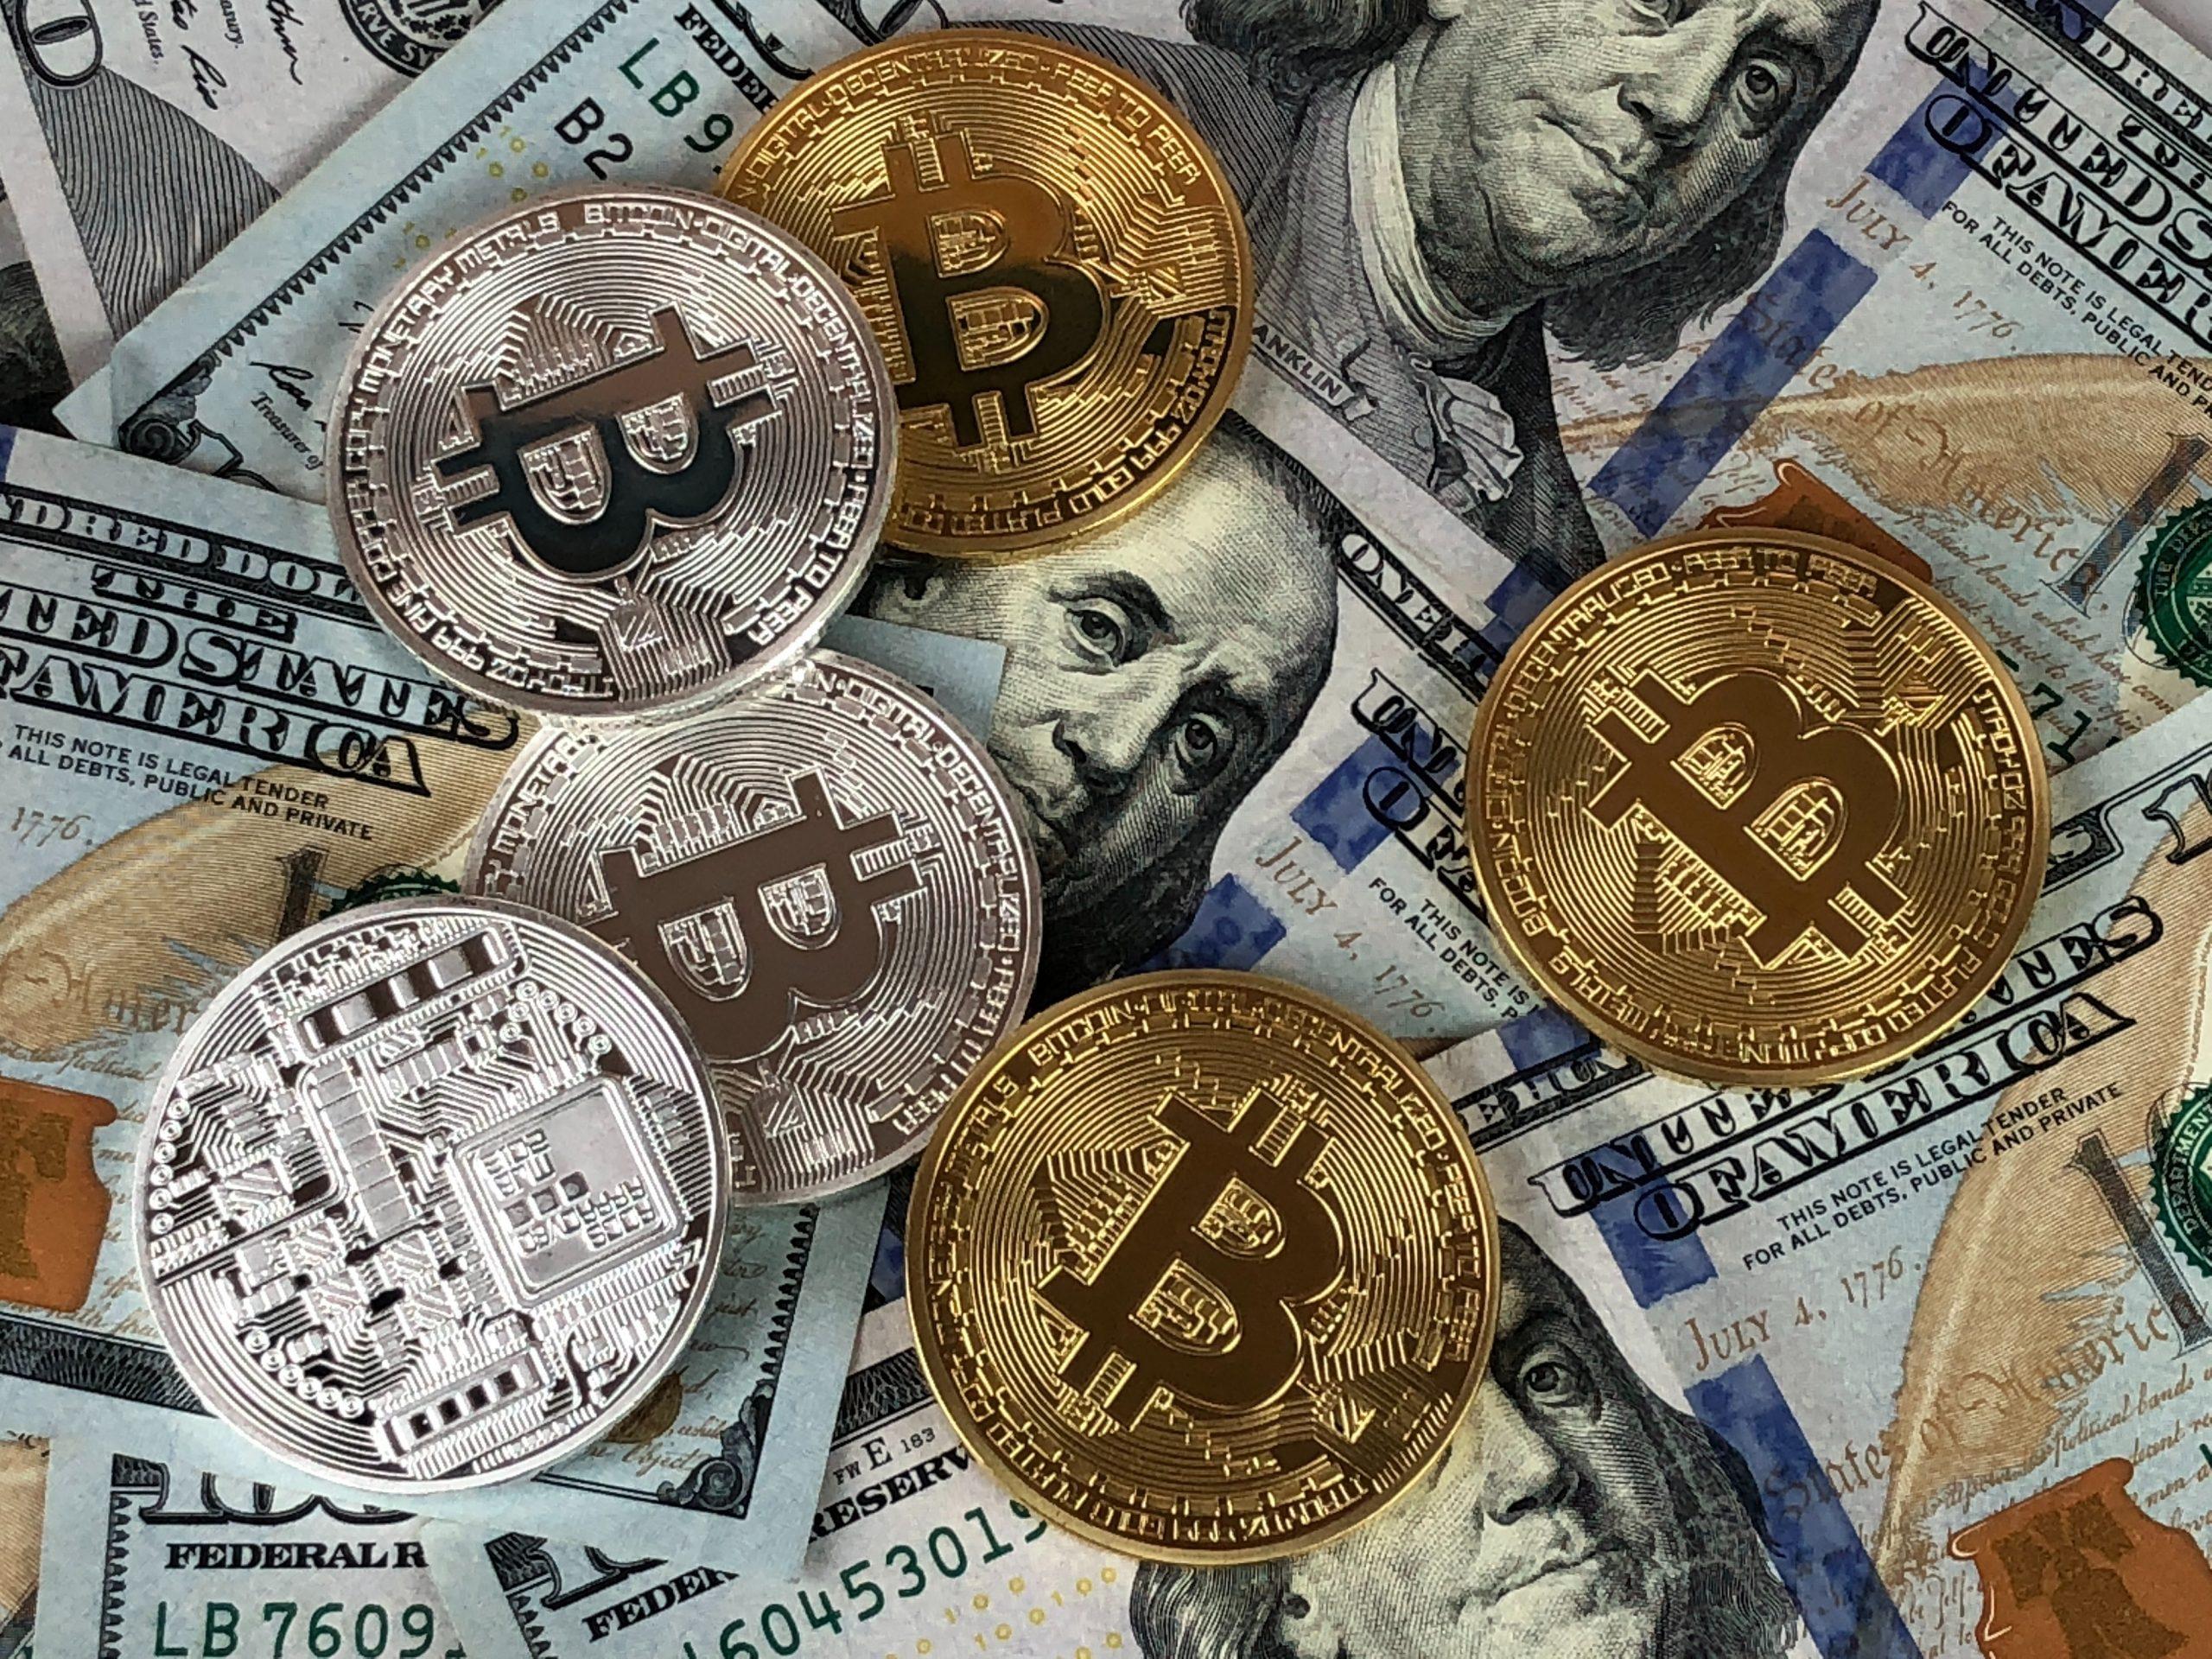 Legalitatea monedei bitcoin după țară sau teritoriu